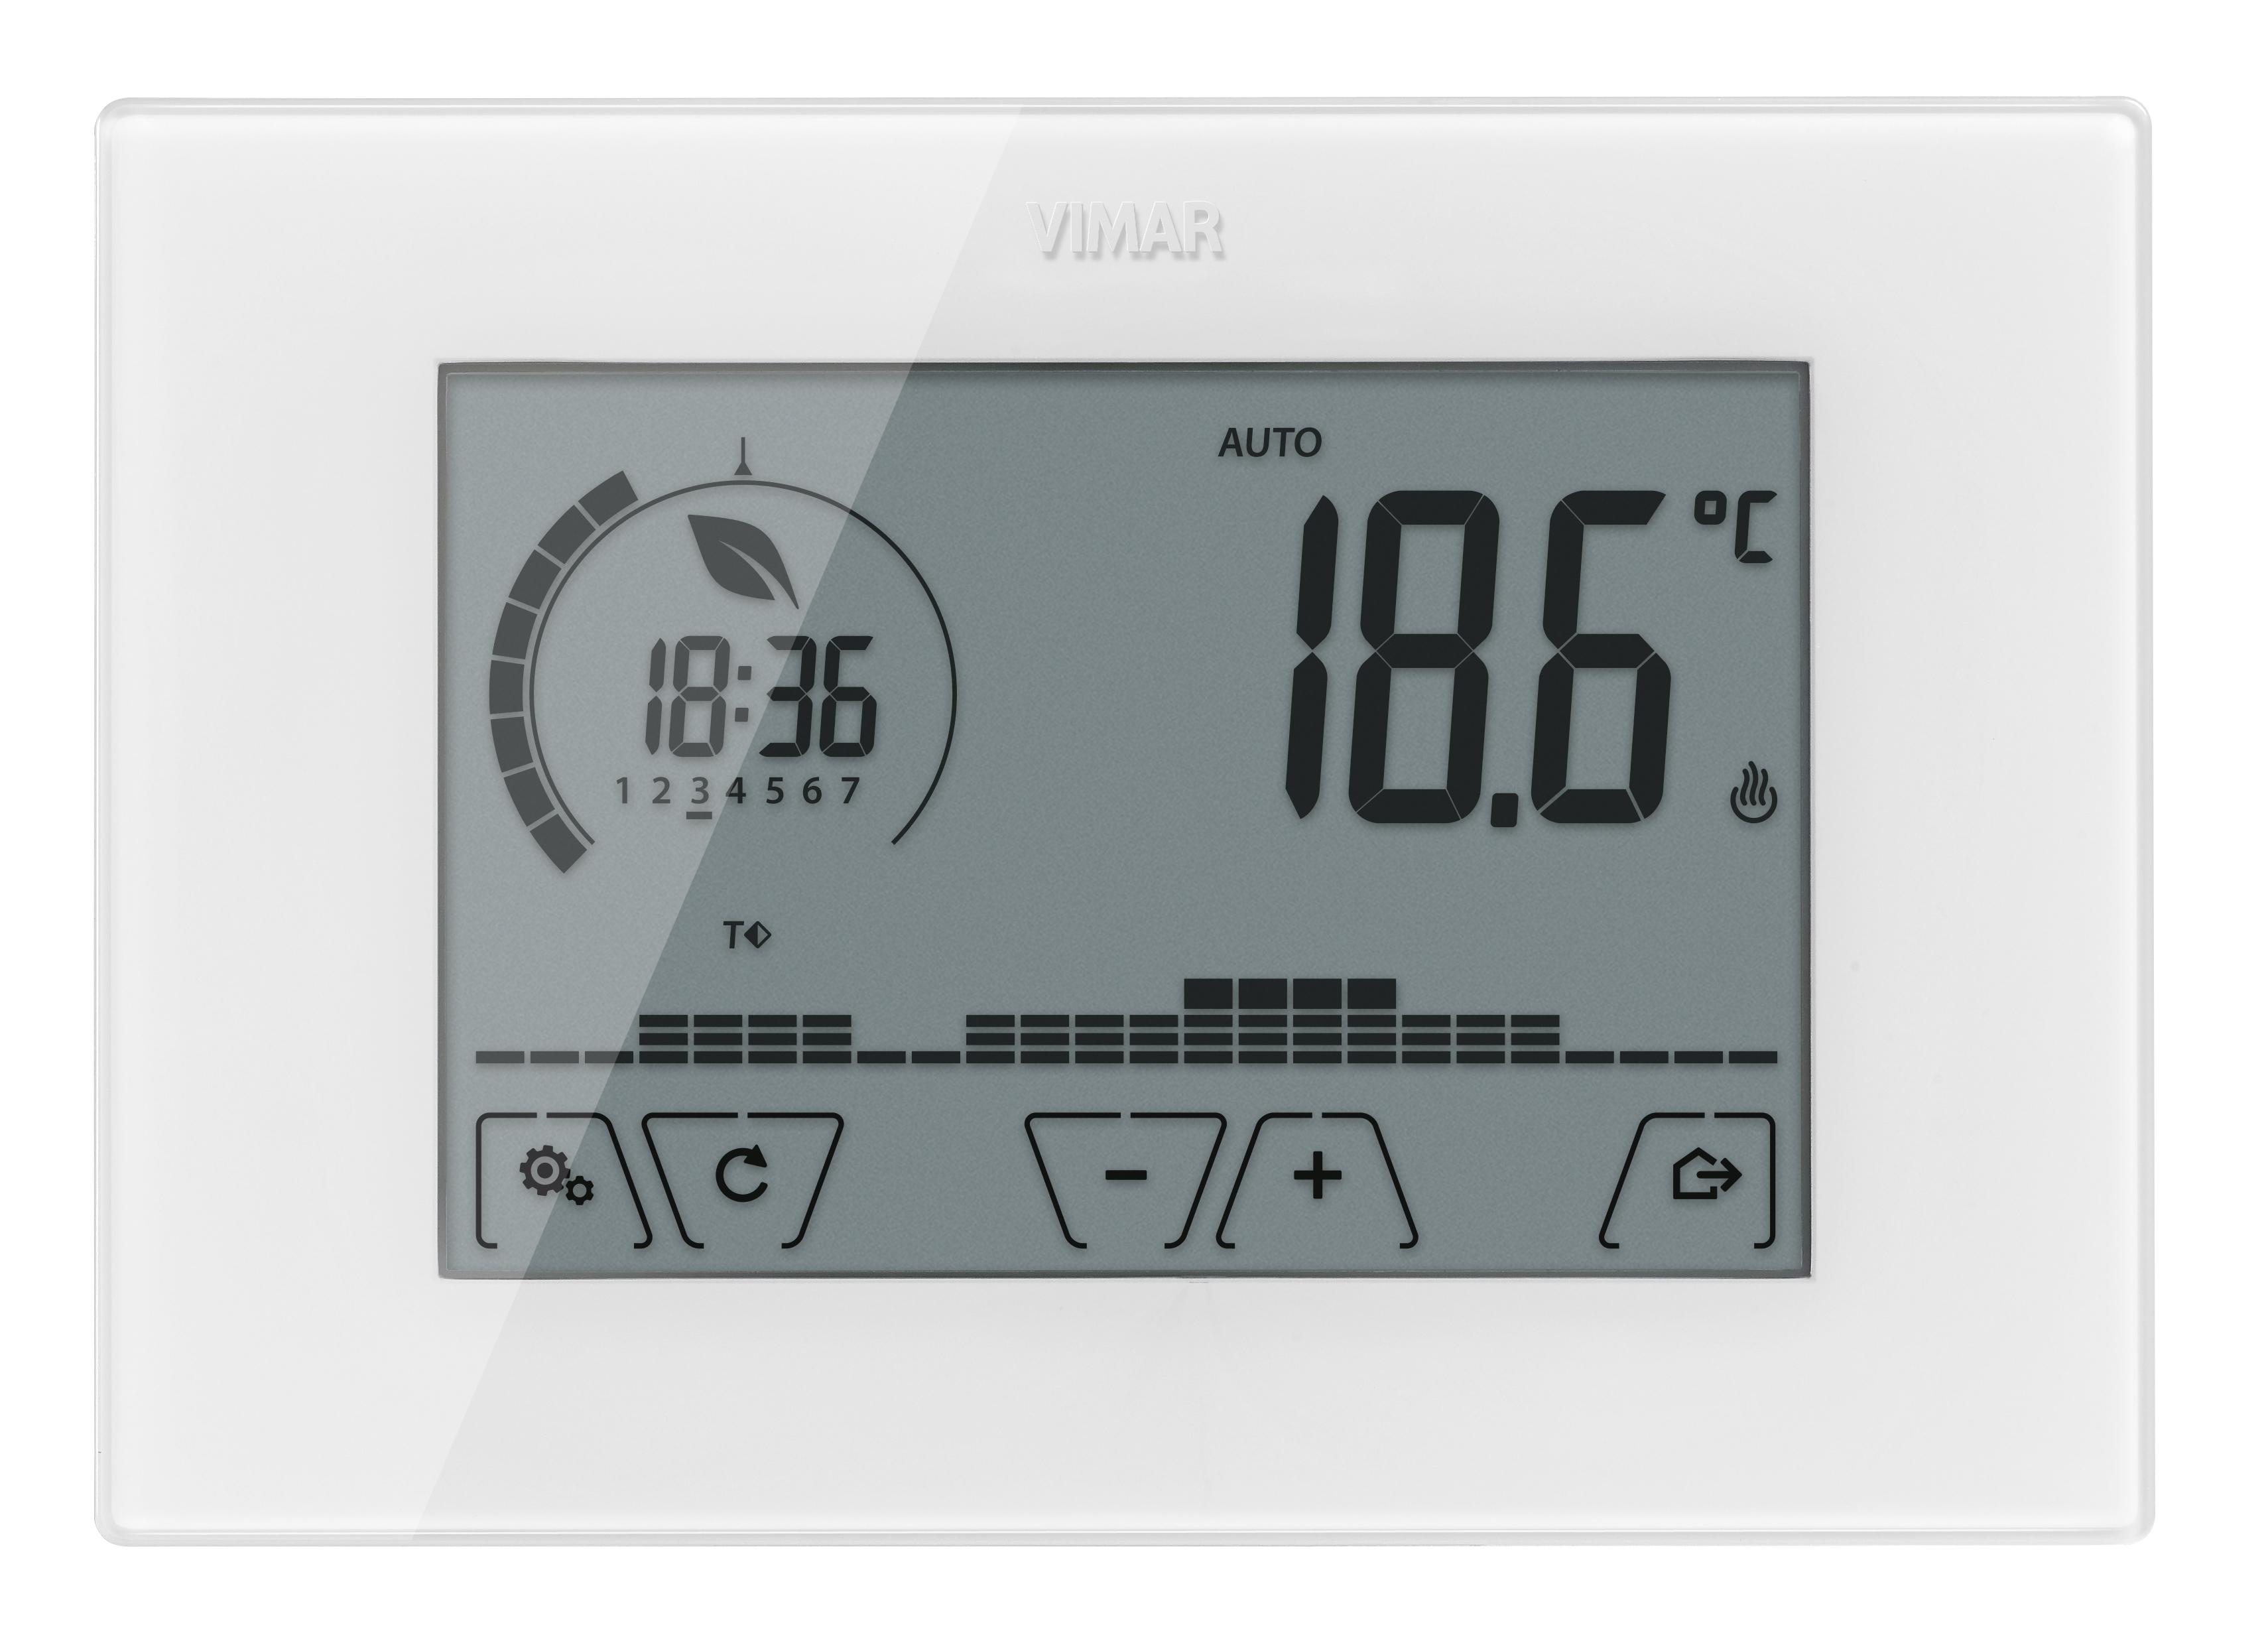 Comfort clima avanzato cronotermostato touch parete batt for Cronotermostato vimar 01910 manuale istruzioni